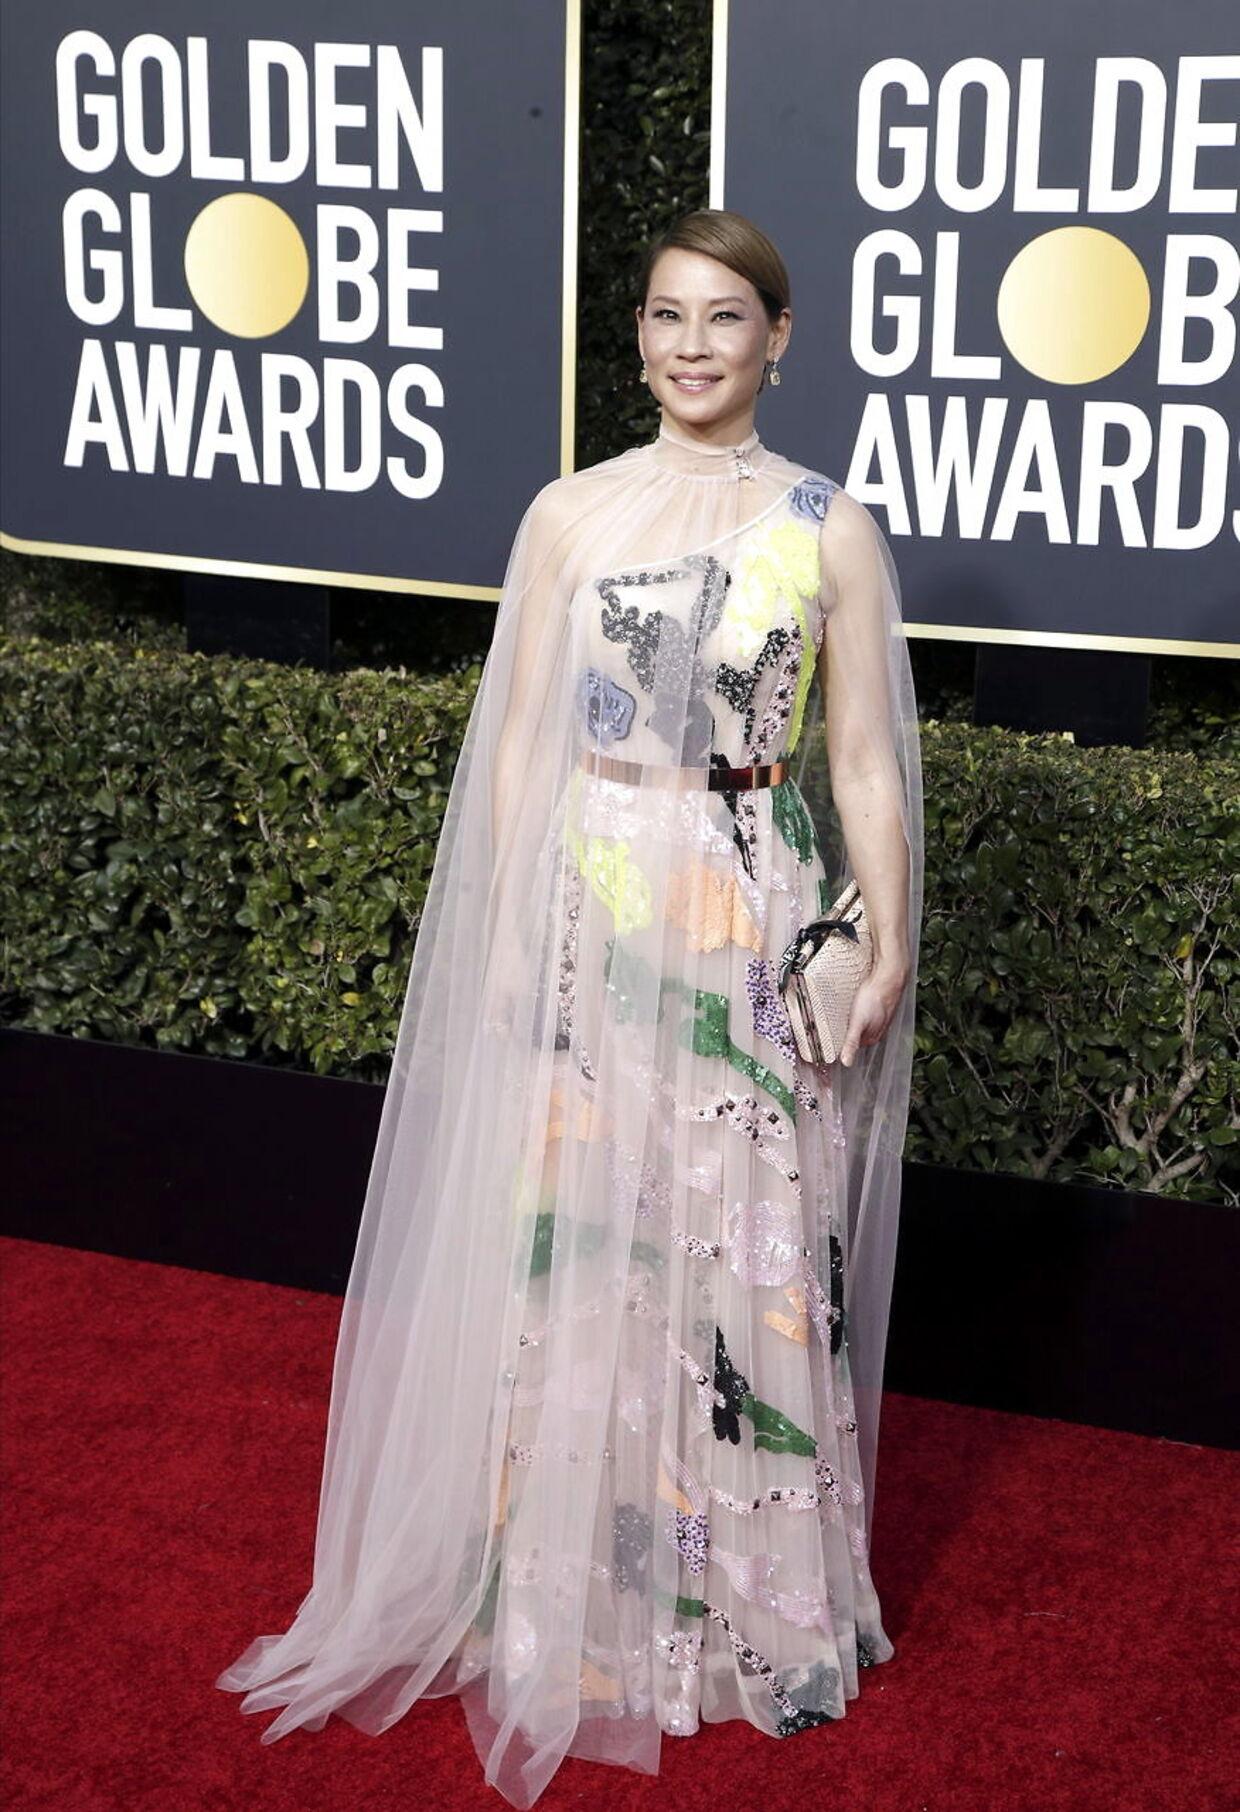 Lucy Liu var en af dem, som blev hårdere dømt på sit outfit i udenlandske medier. Blandt andet mediet 'Daily mail' hende, som en af de værste klædte. EPA/MIKE NELSON